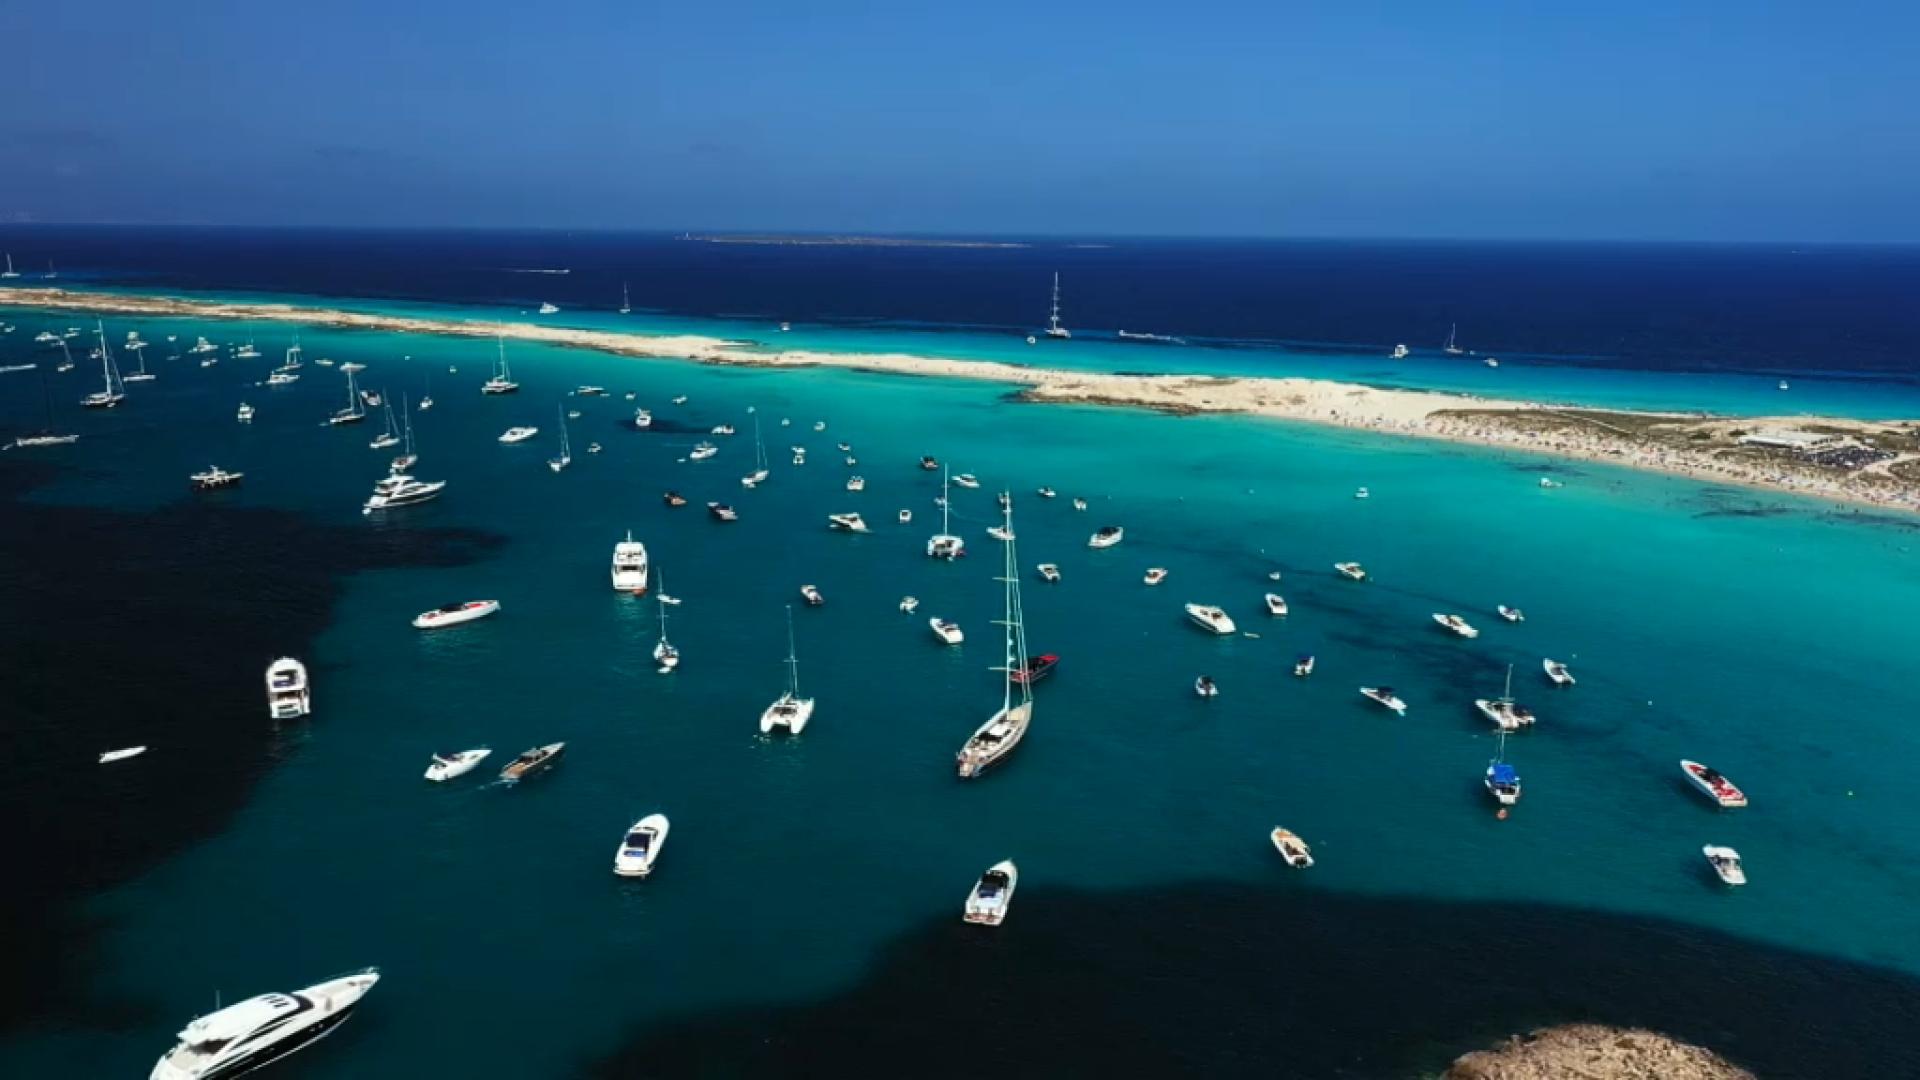 Massificaci%C3%B3+i+accidents+entre+Formentera+i+Eivissa%3A+regulaci%C3%B3+de+velocitat+o+interessos+comercials%3F